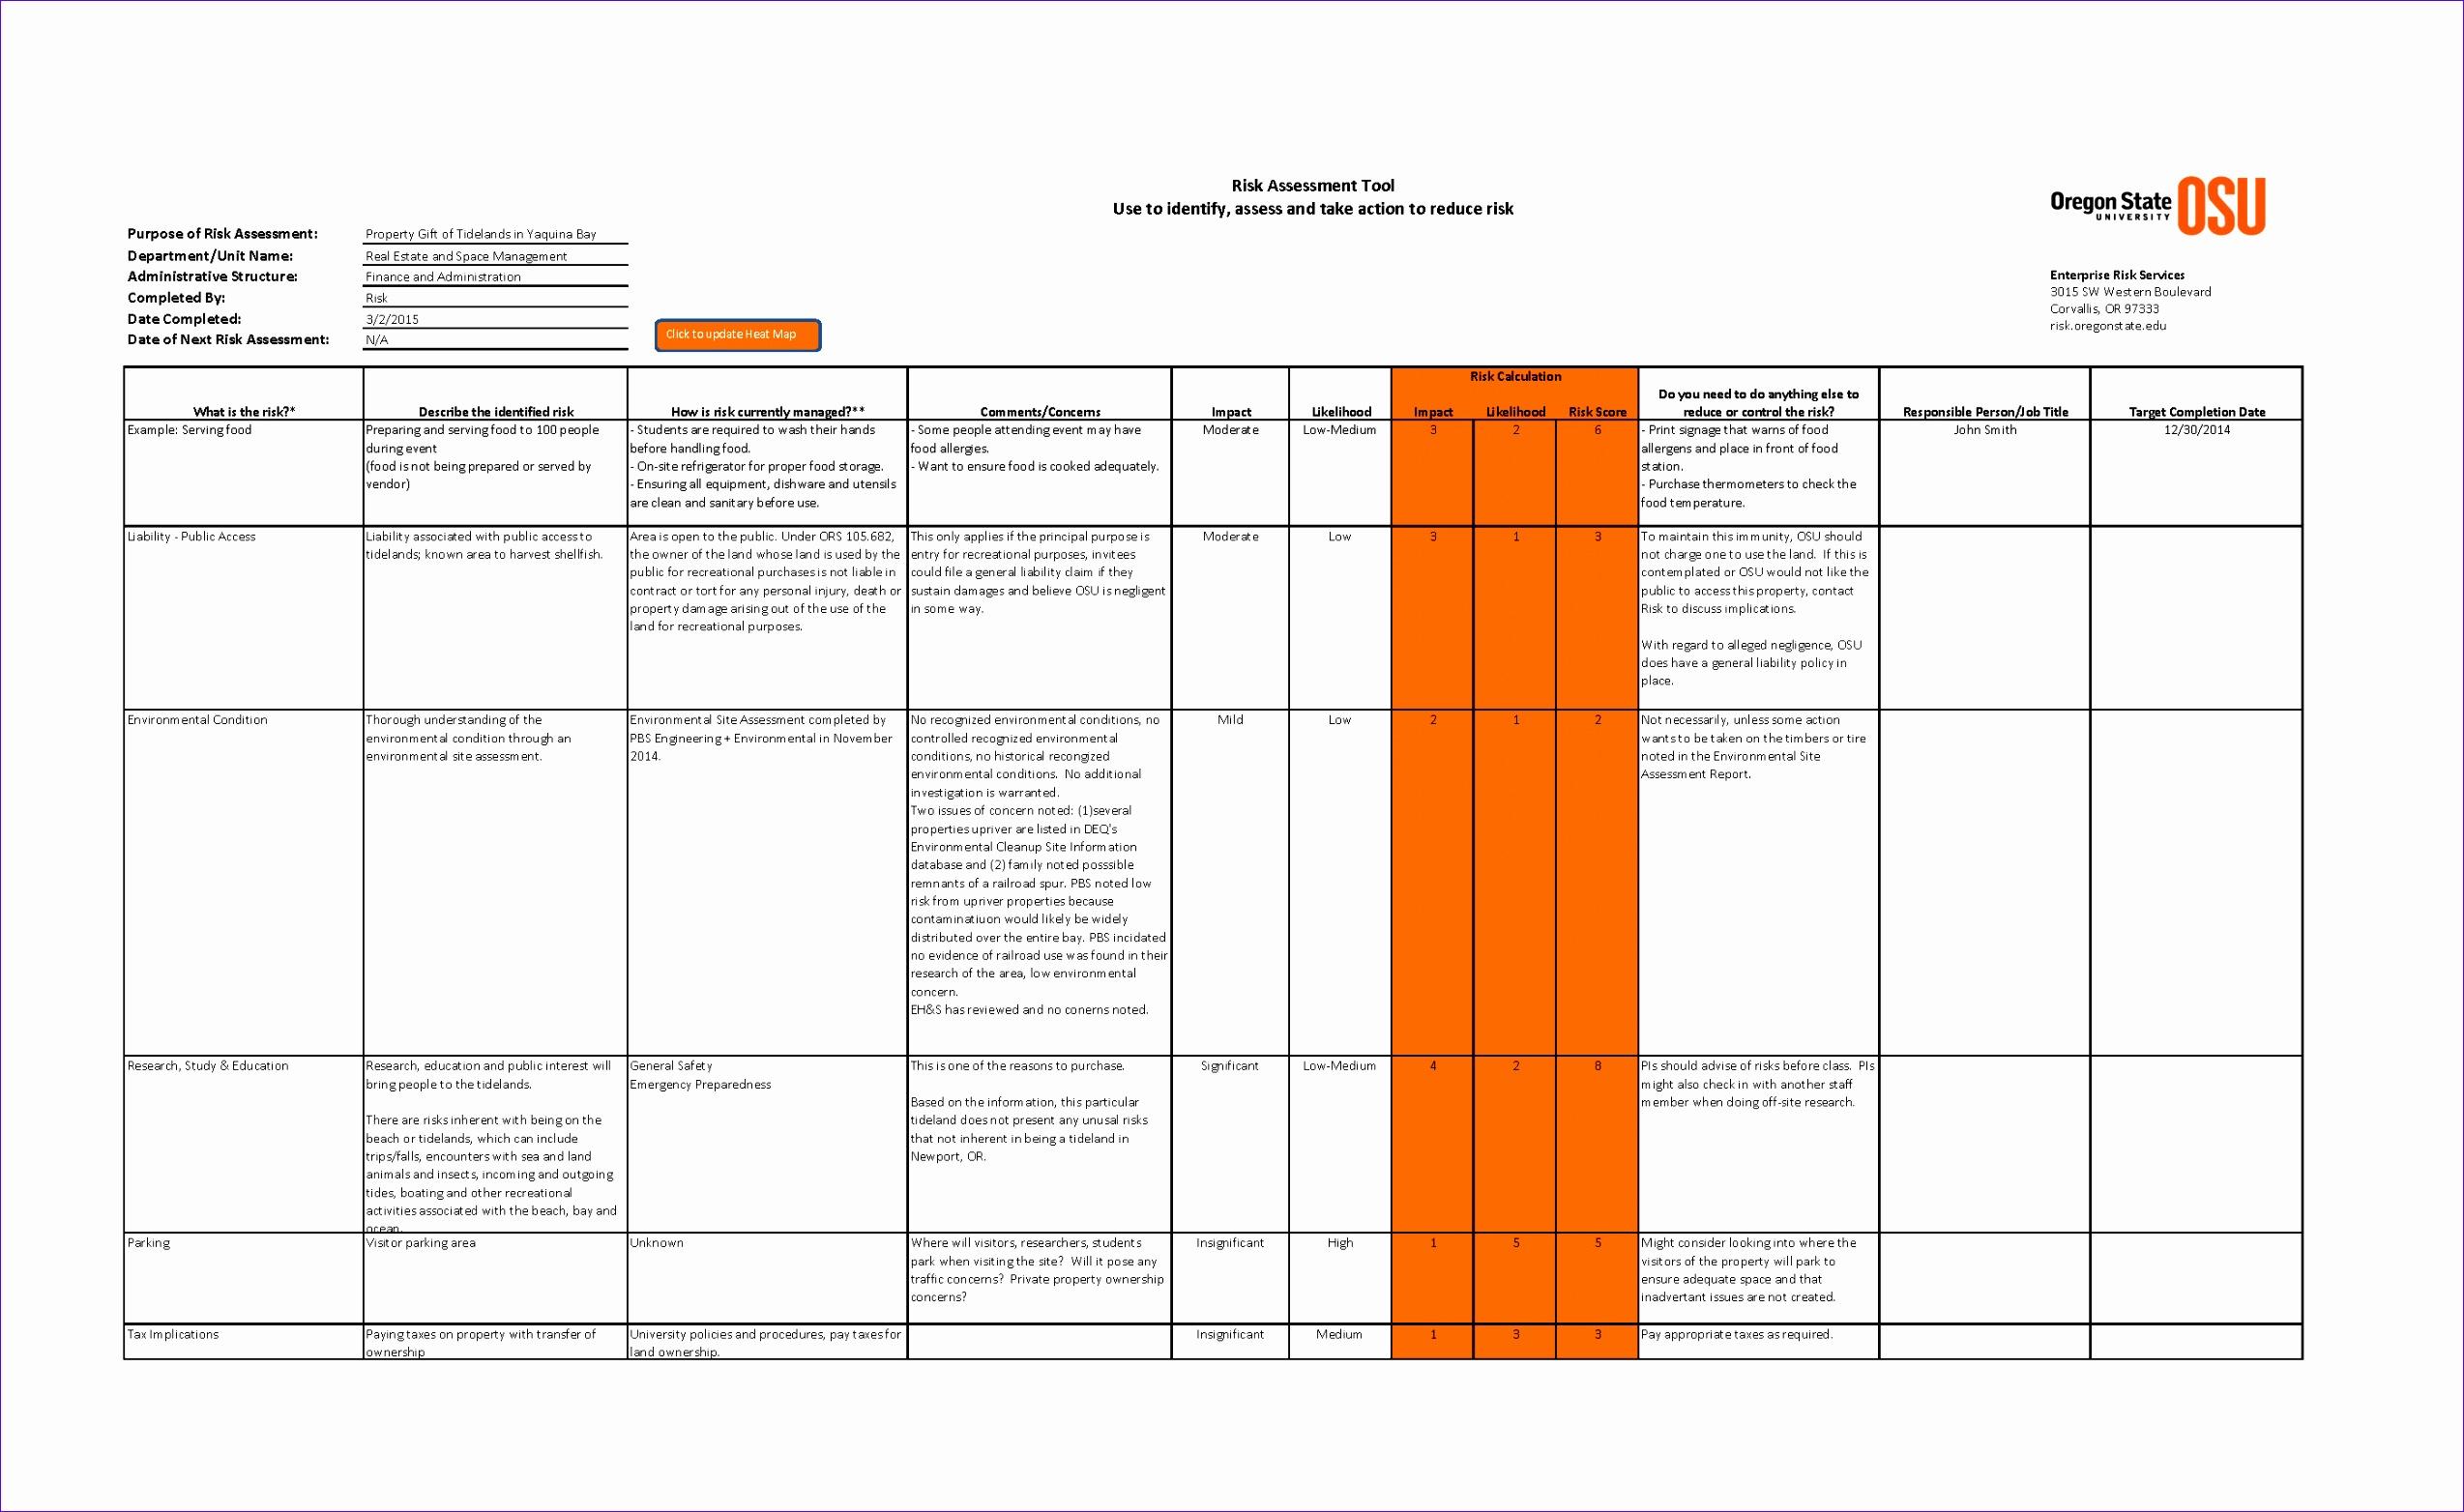 Vendor Management Excel Template Sgfcc Elegant Risk assessment tool › Risk Management